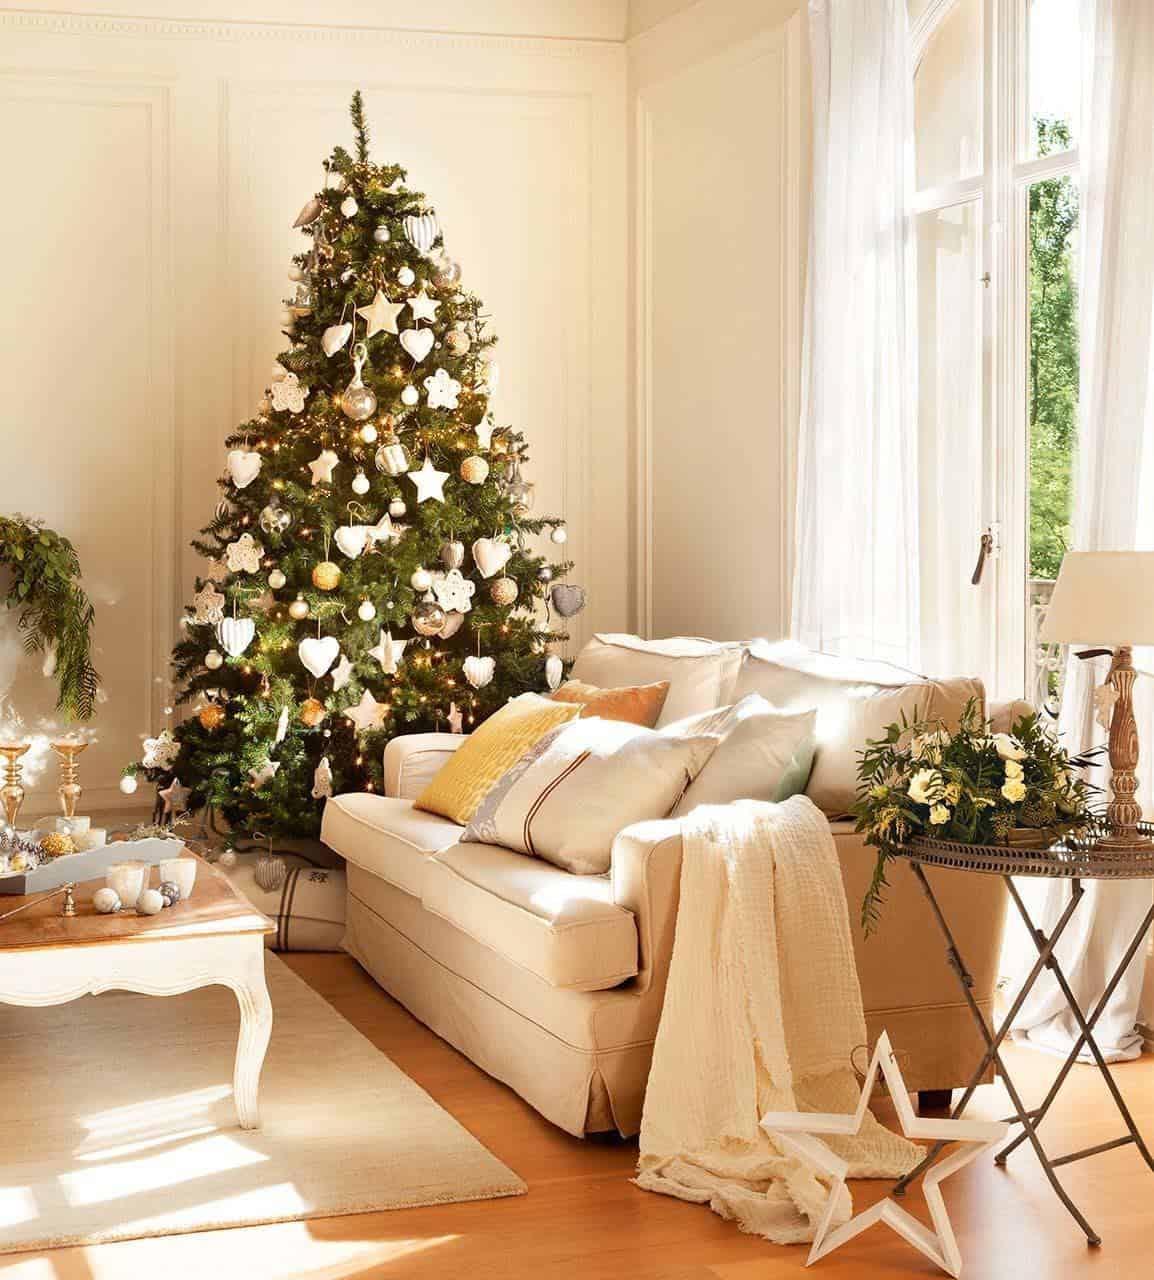 Maison décorée de Noël-04-01 Kindesign